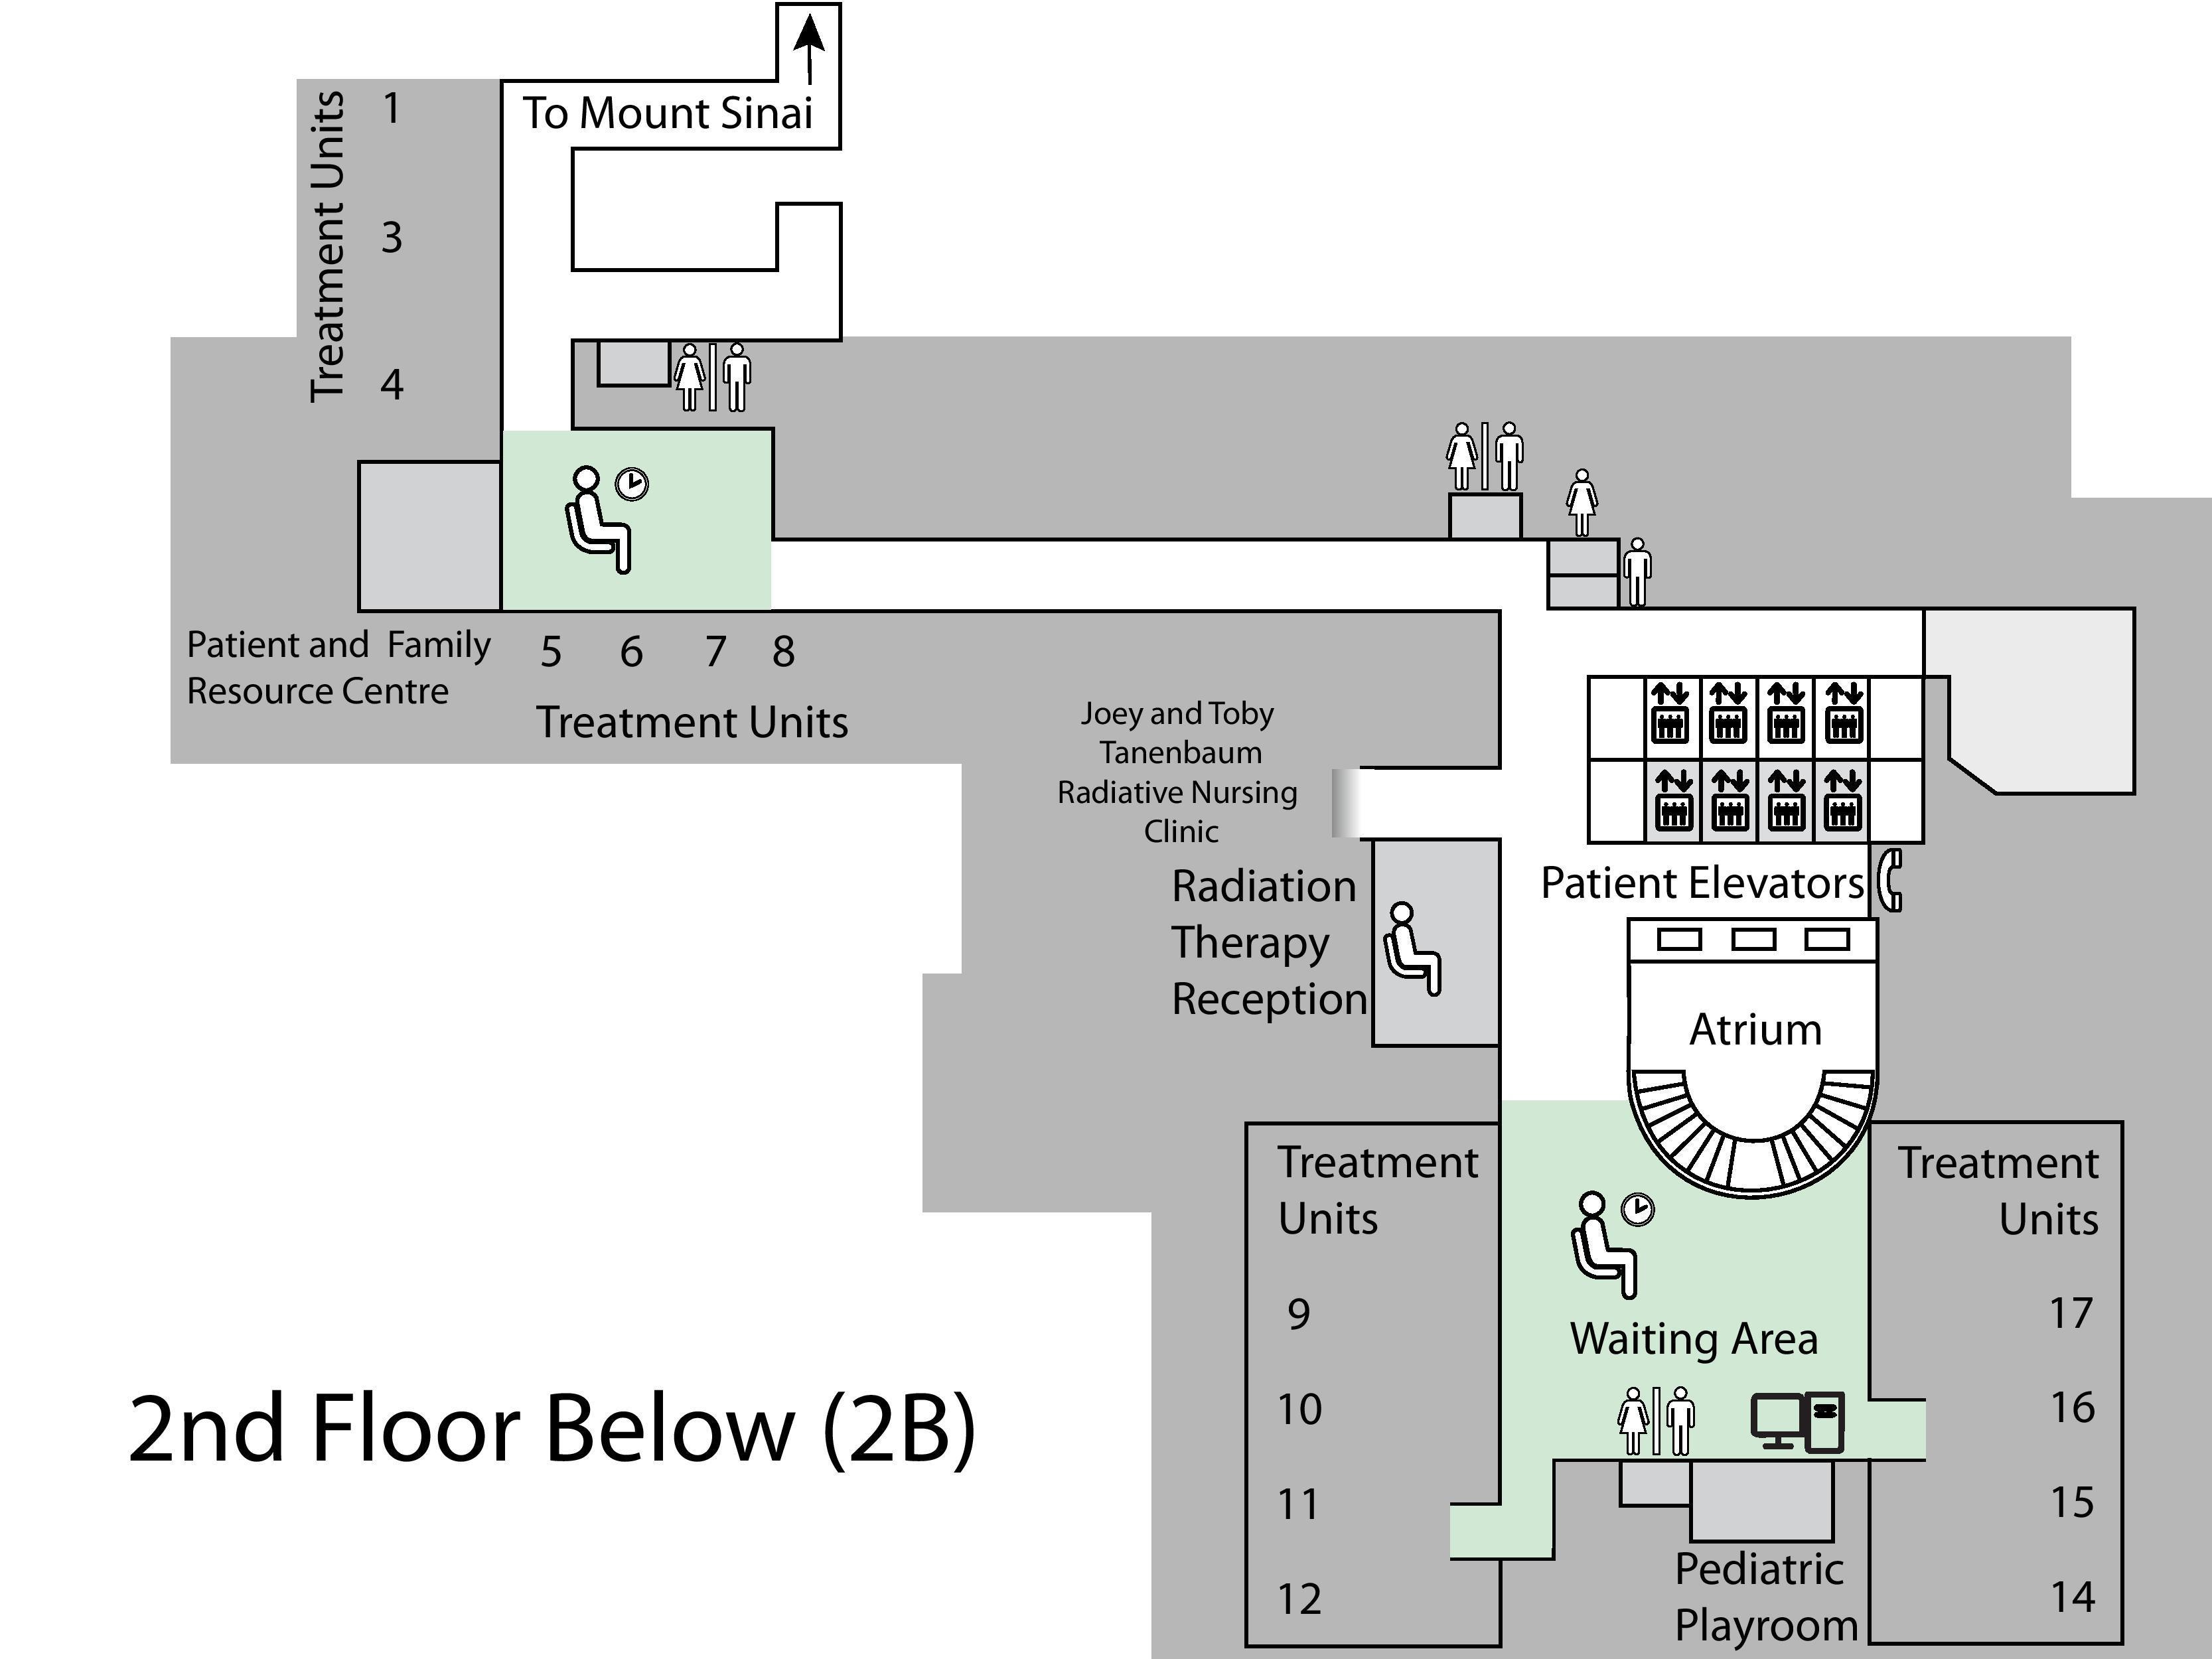 Princess margaret cancer centre toronto lantai 2 di bawah ini b2 peta dari princess margaret cancer centre toronto lantai 2 di bawah ini b2 ccuart Gallery